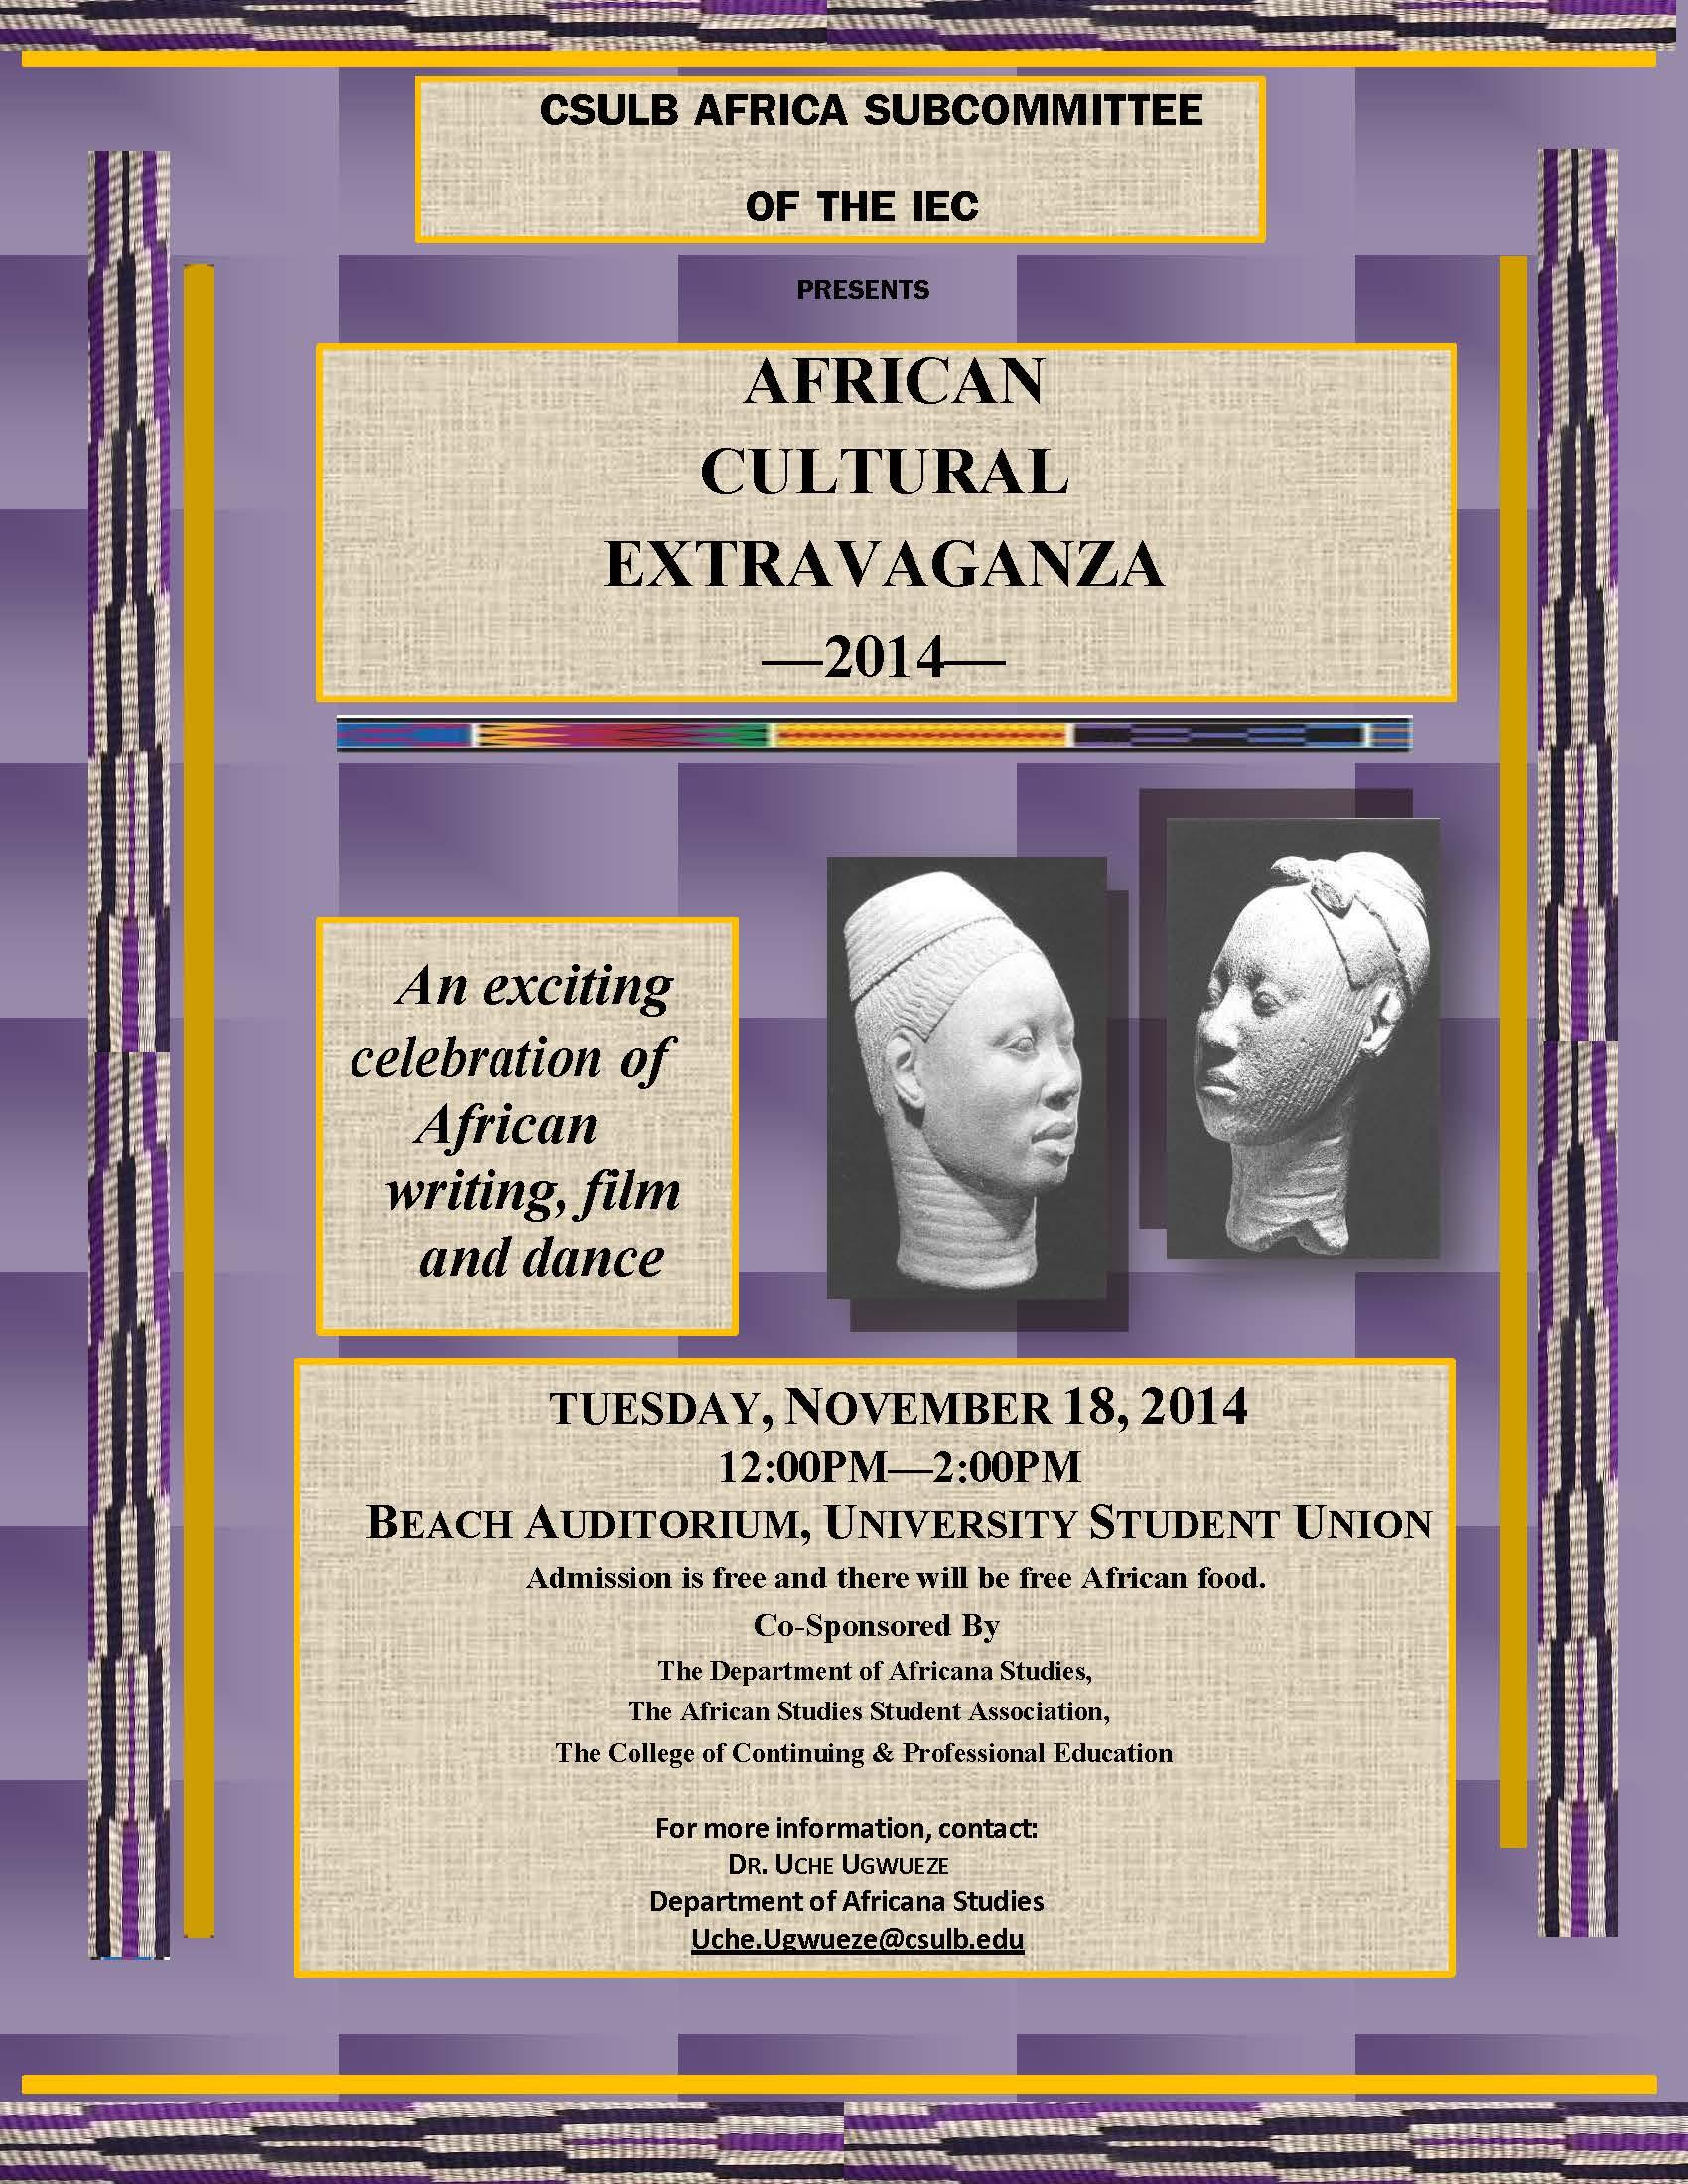 African Cultural Extravaganza 2014